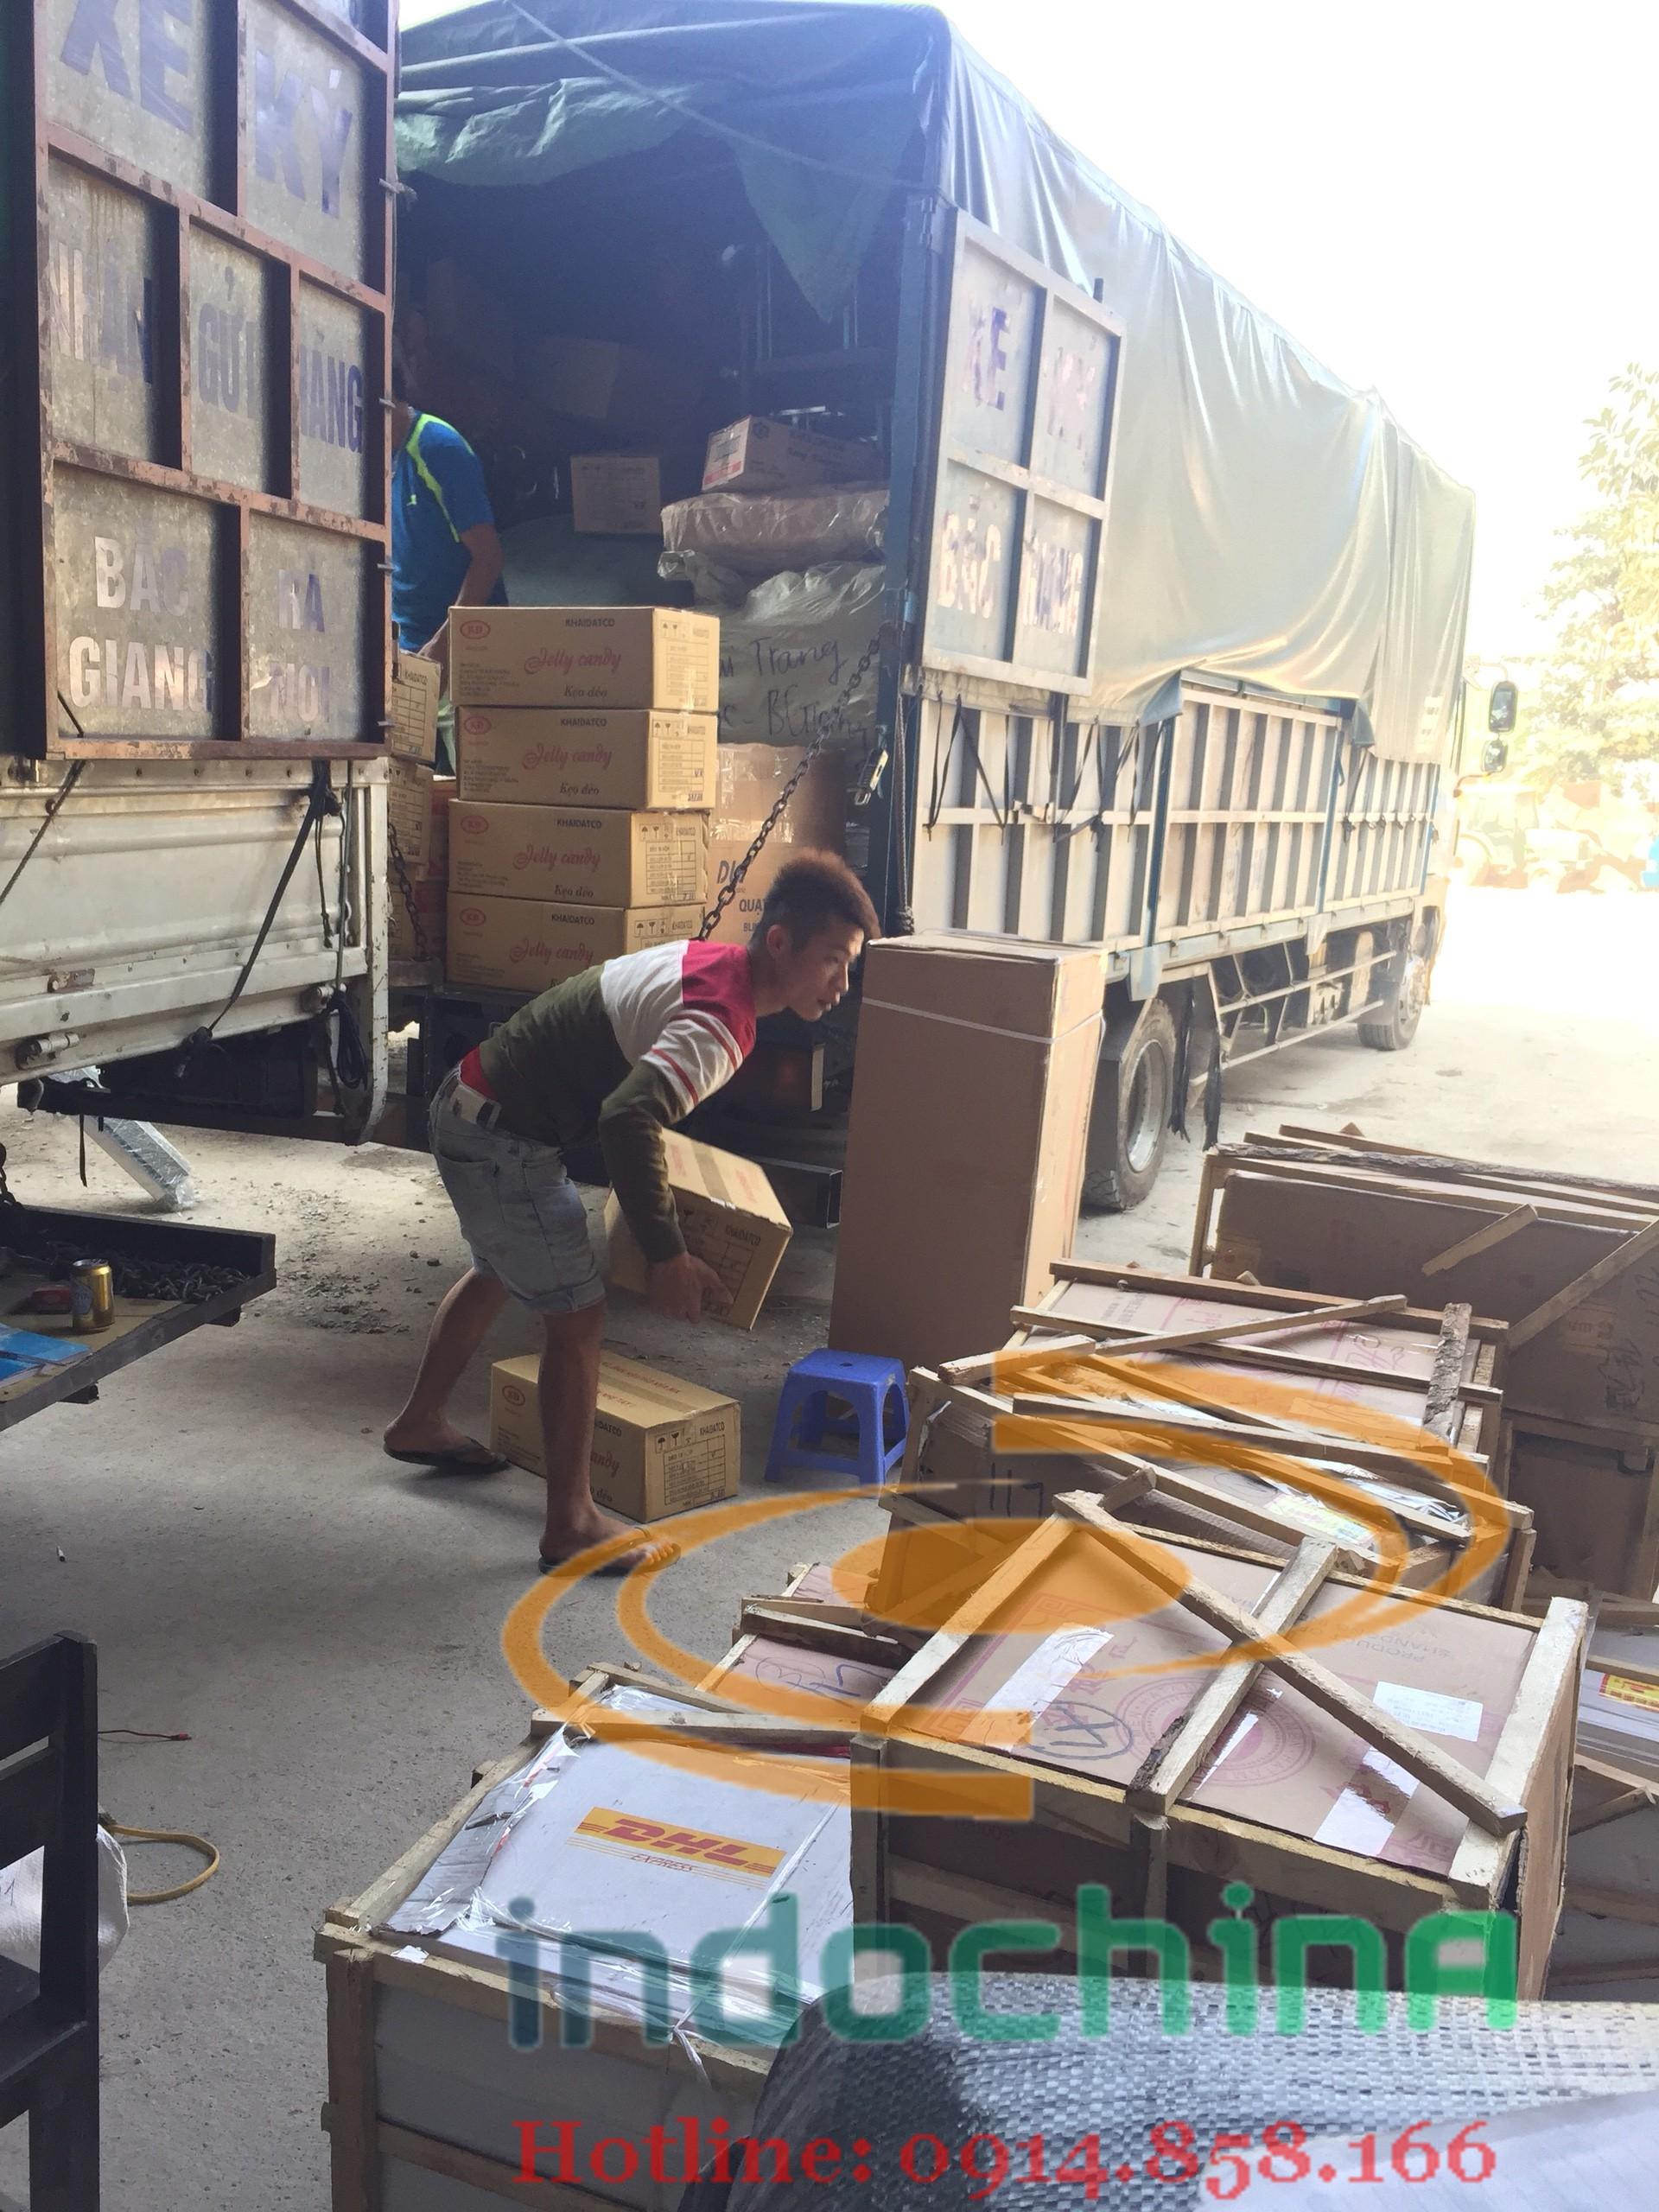 Dịch vụ vận chuyển hàng Trung Quôc chuyên nghiệp